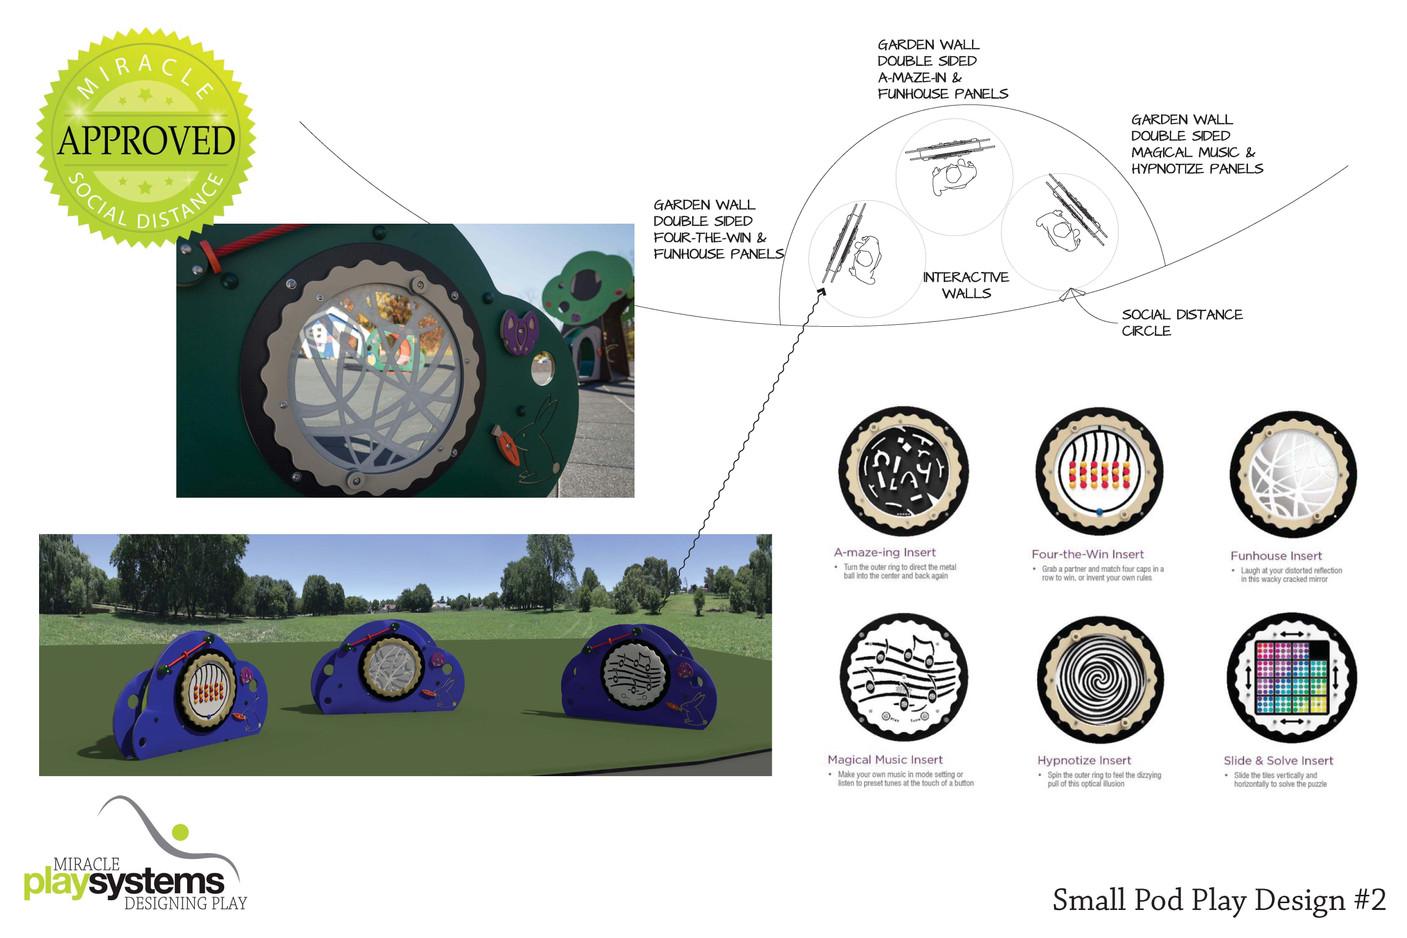 Small Pod Play Design #2